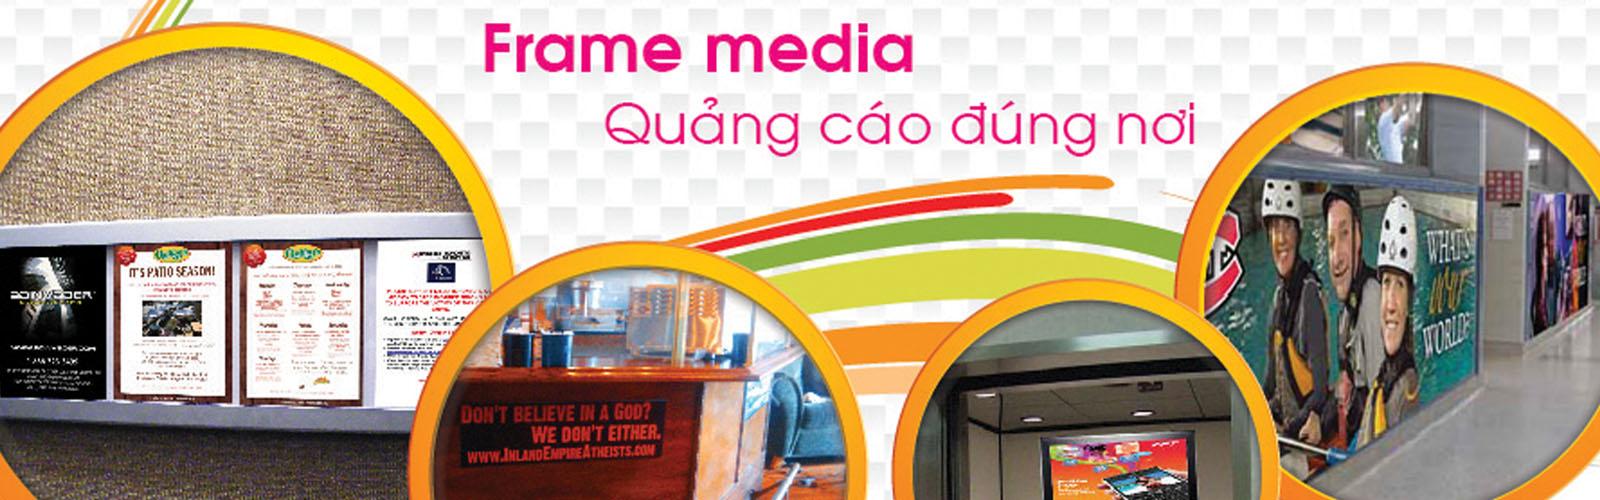 Quang-cao-Frame-media